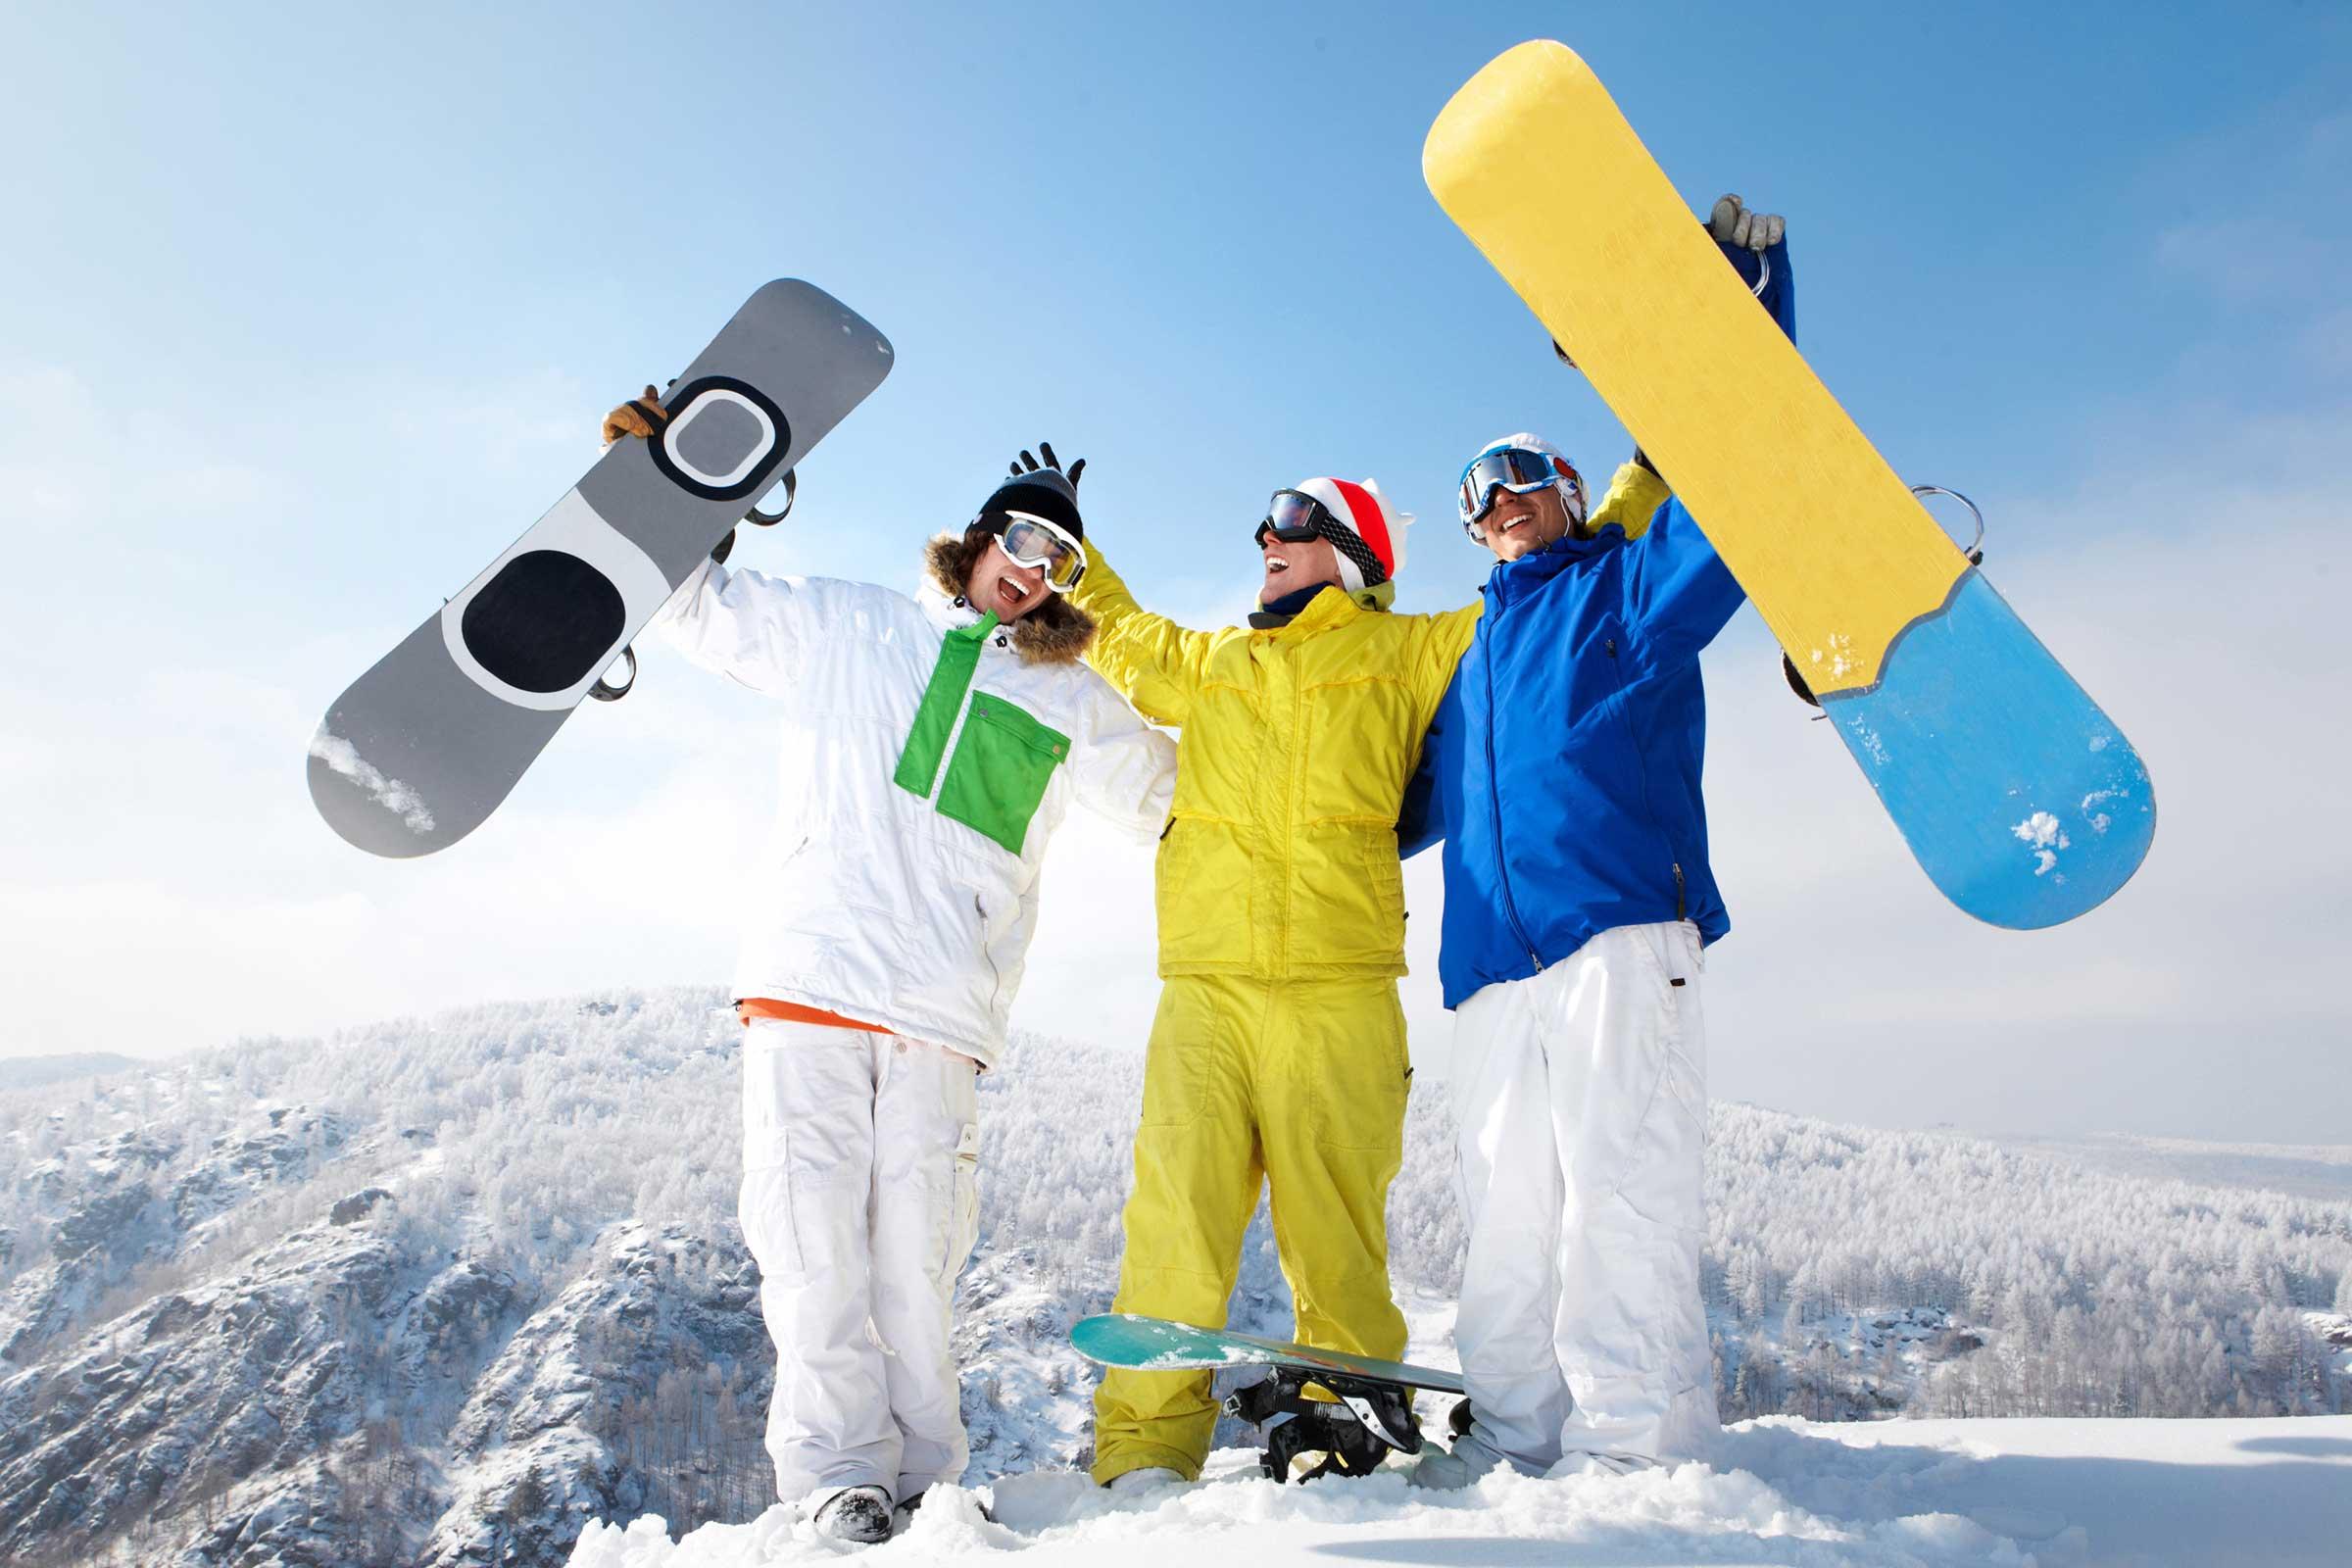 cours-de-ski-snowboard-val-d-isere